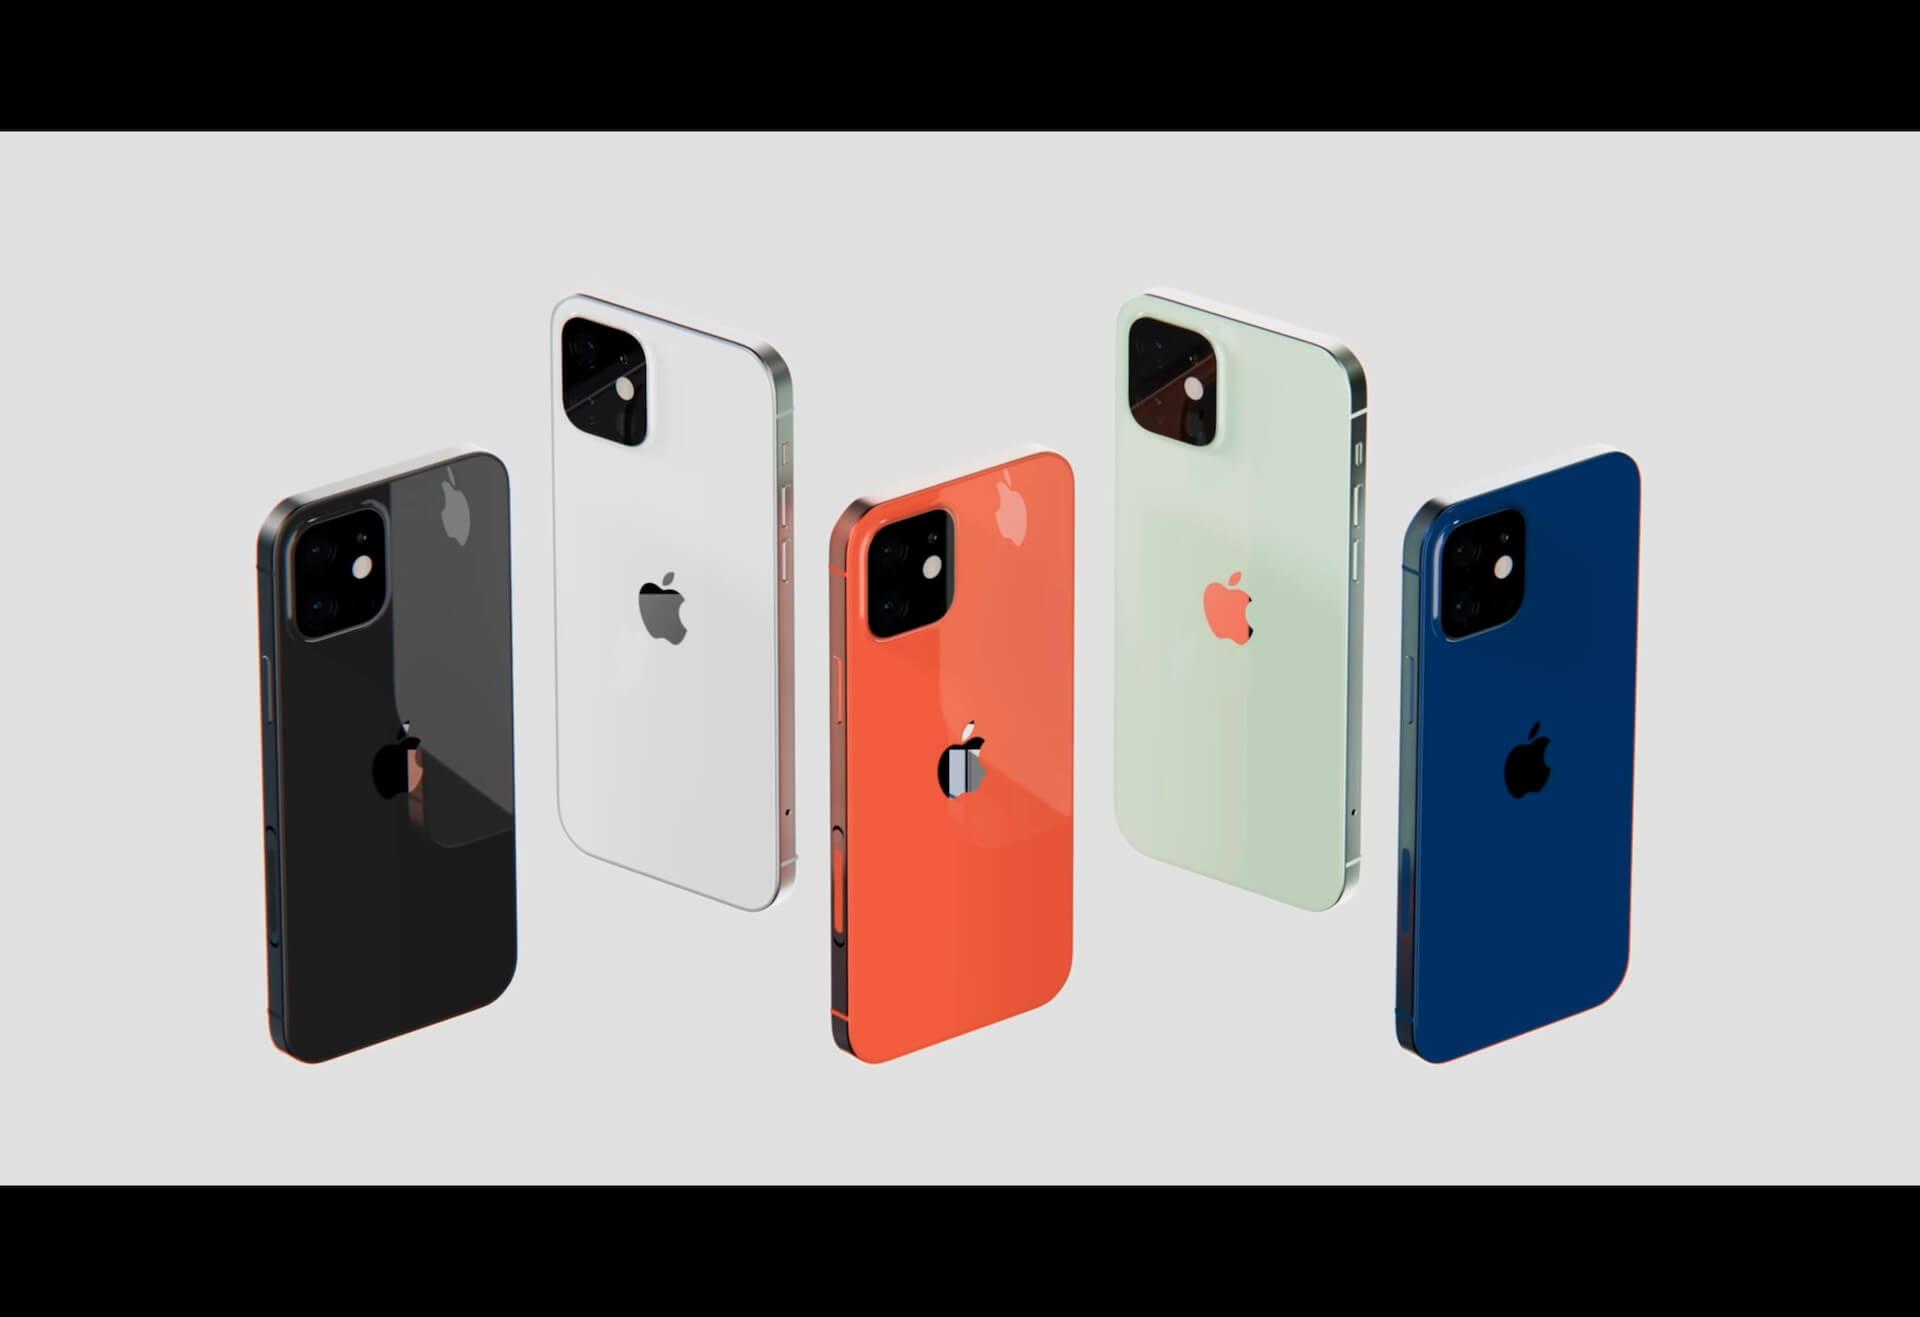 9月発表とうわさのiPhone 13にはやはり1TBモデルが存在する?アナリストが示唆 tech210301_iphone13_main